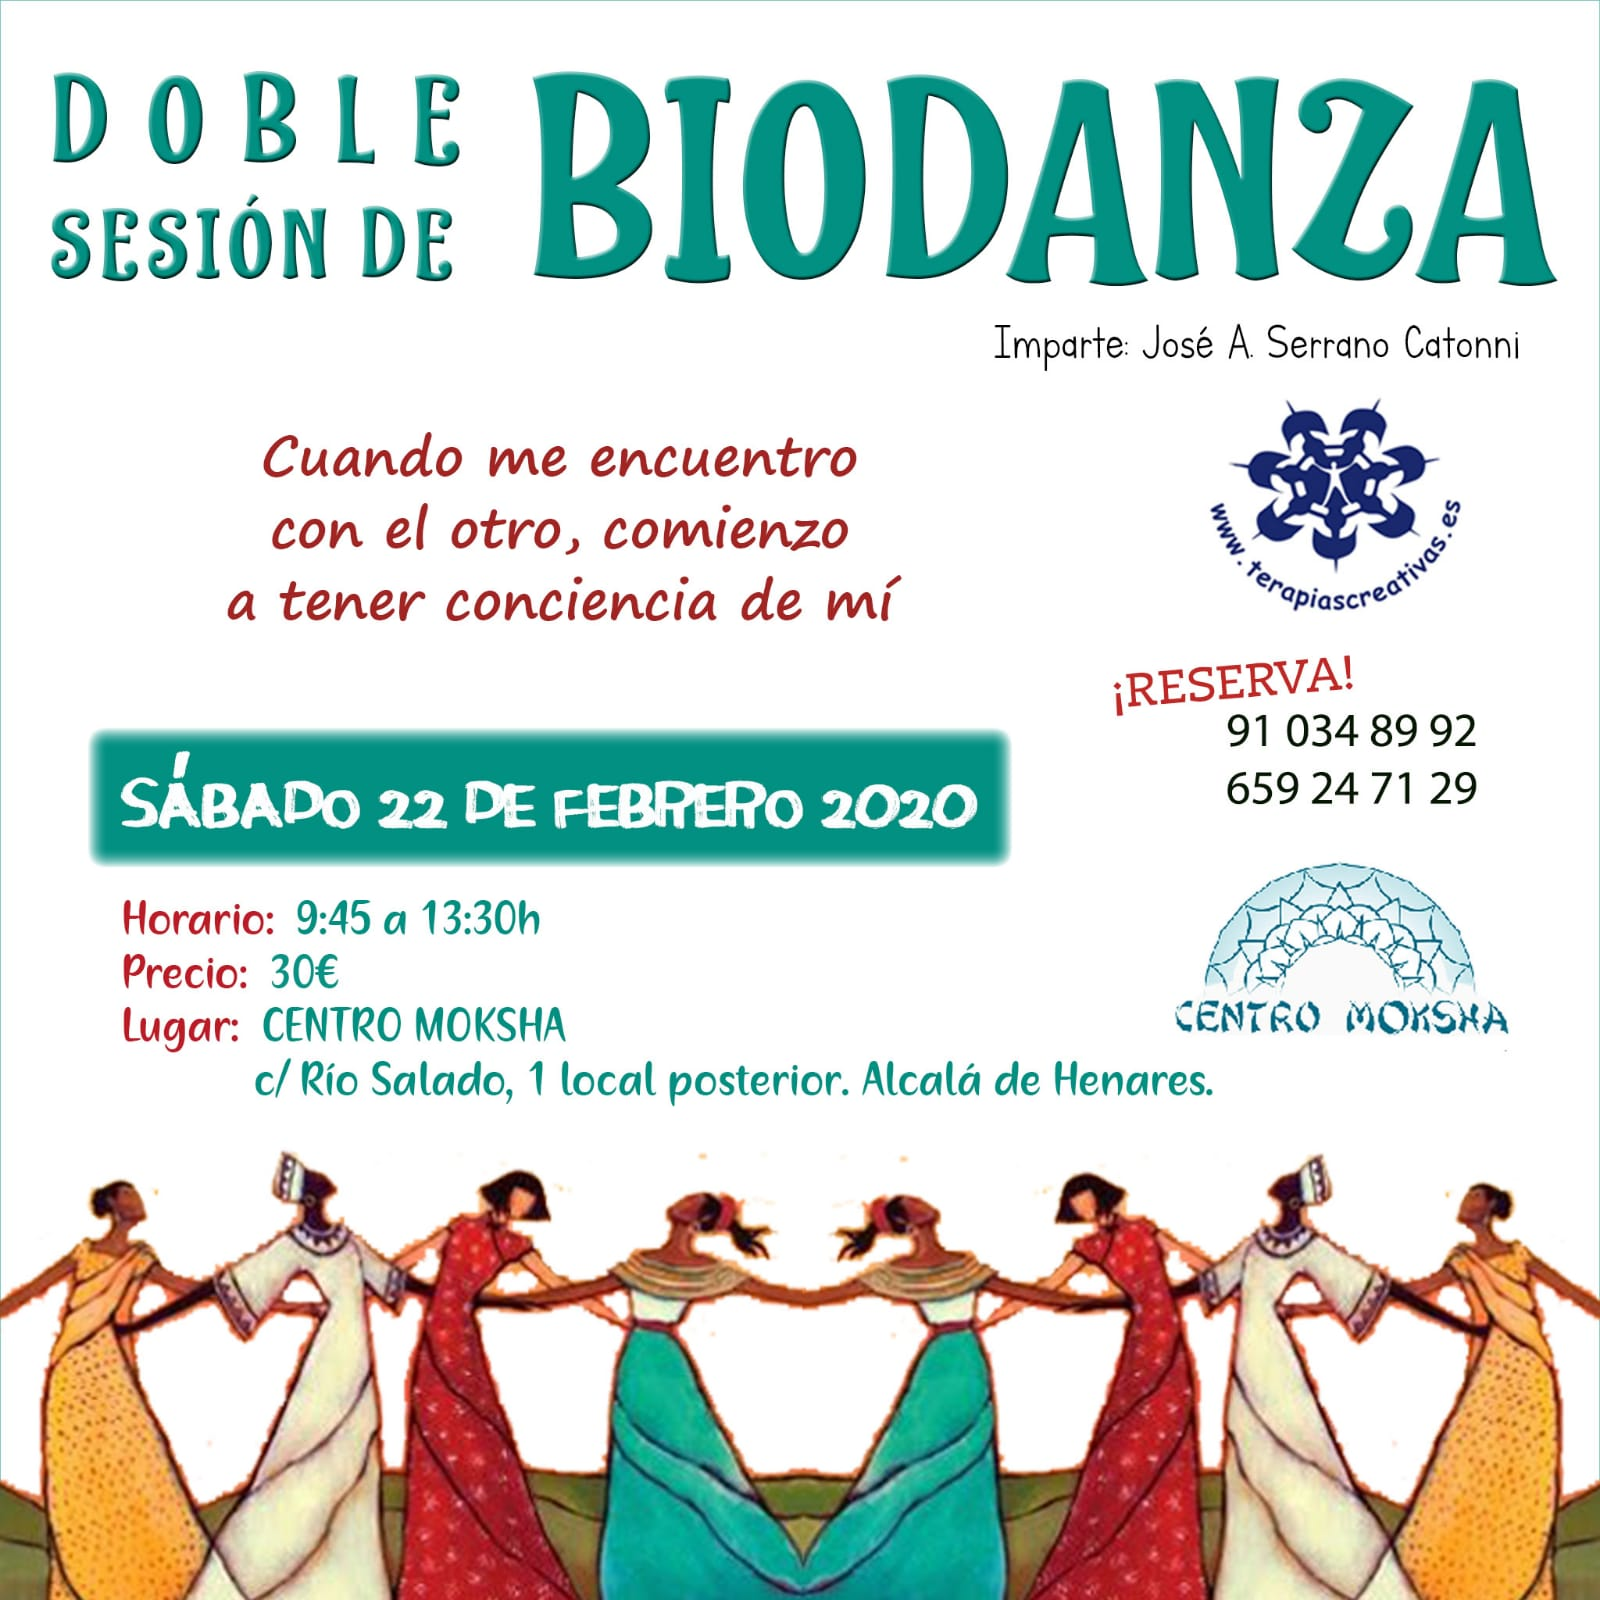 Taller BioDanza-Sesión Doble